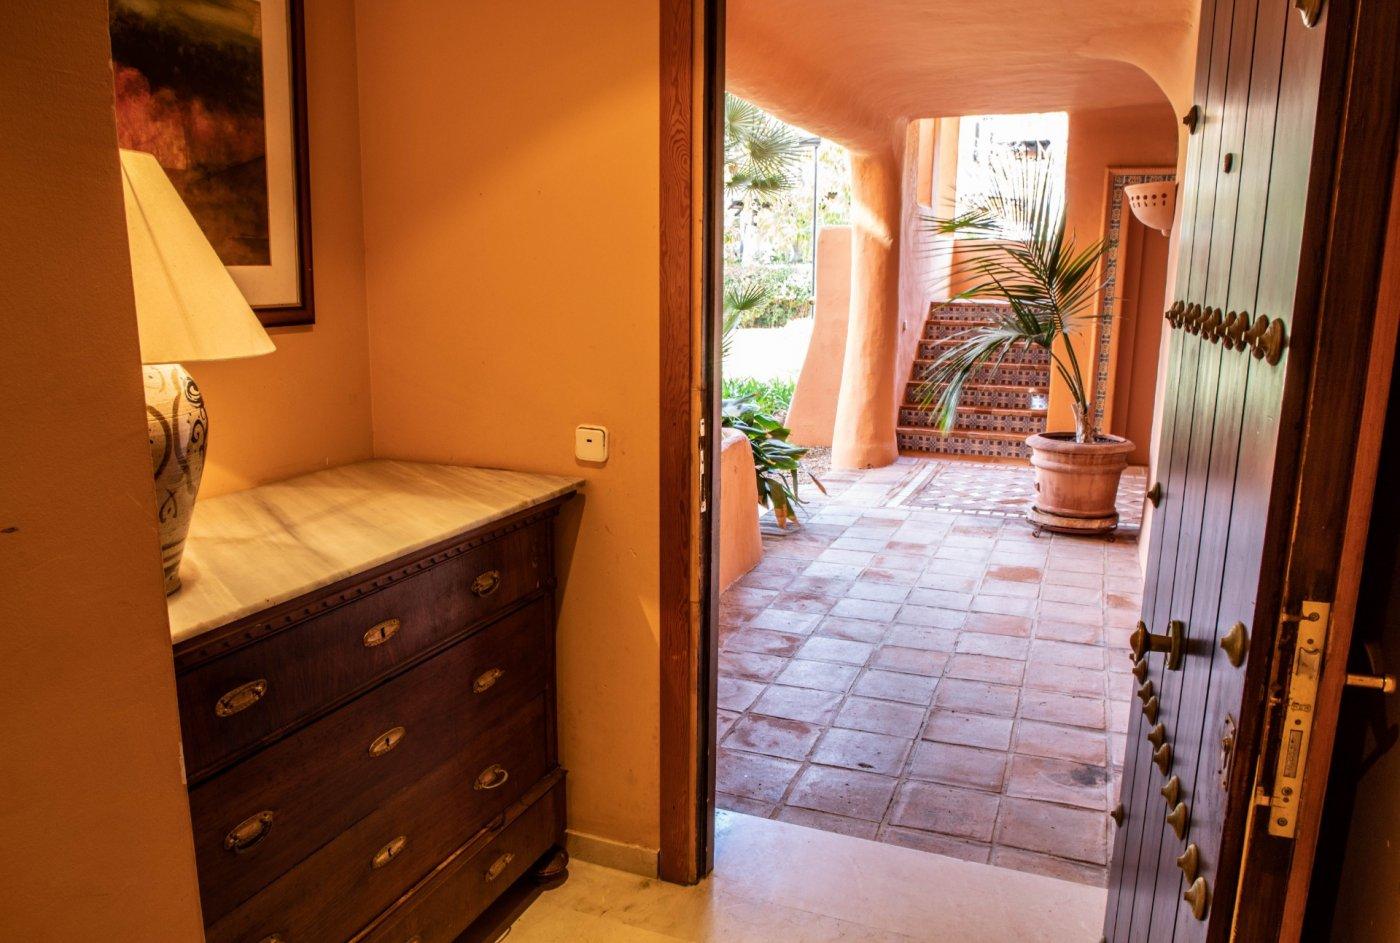 Oportunidad de comprar un precioso apartamento en santa ponsa a muy buen precio!! - imagenInmueble21